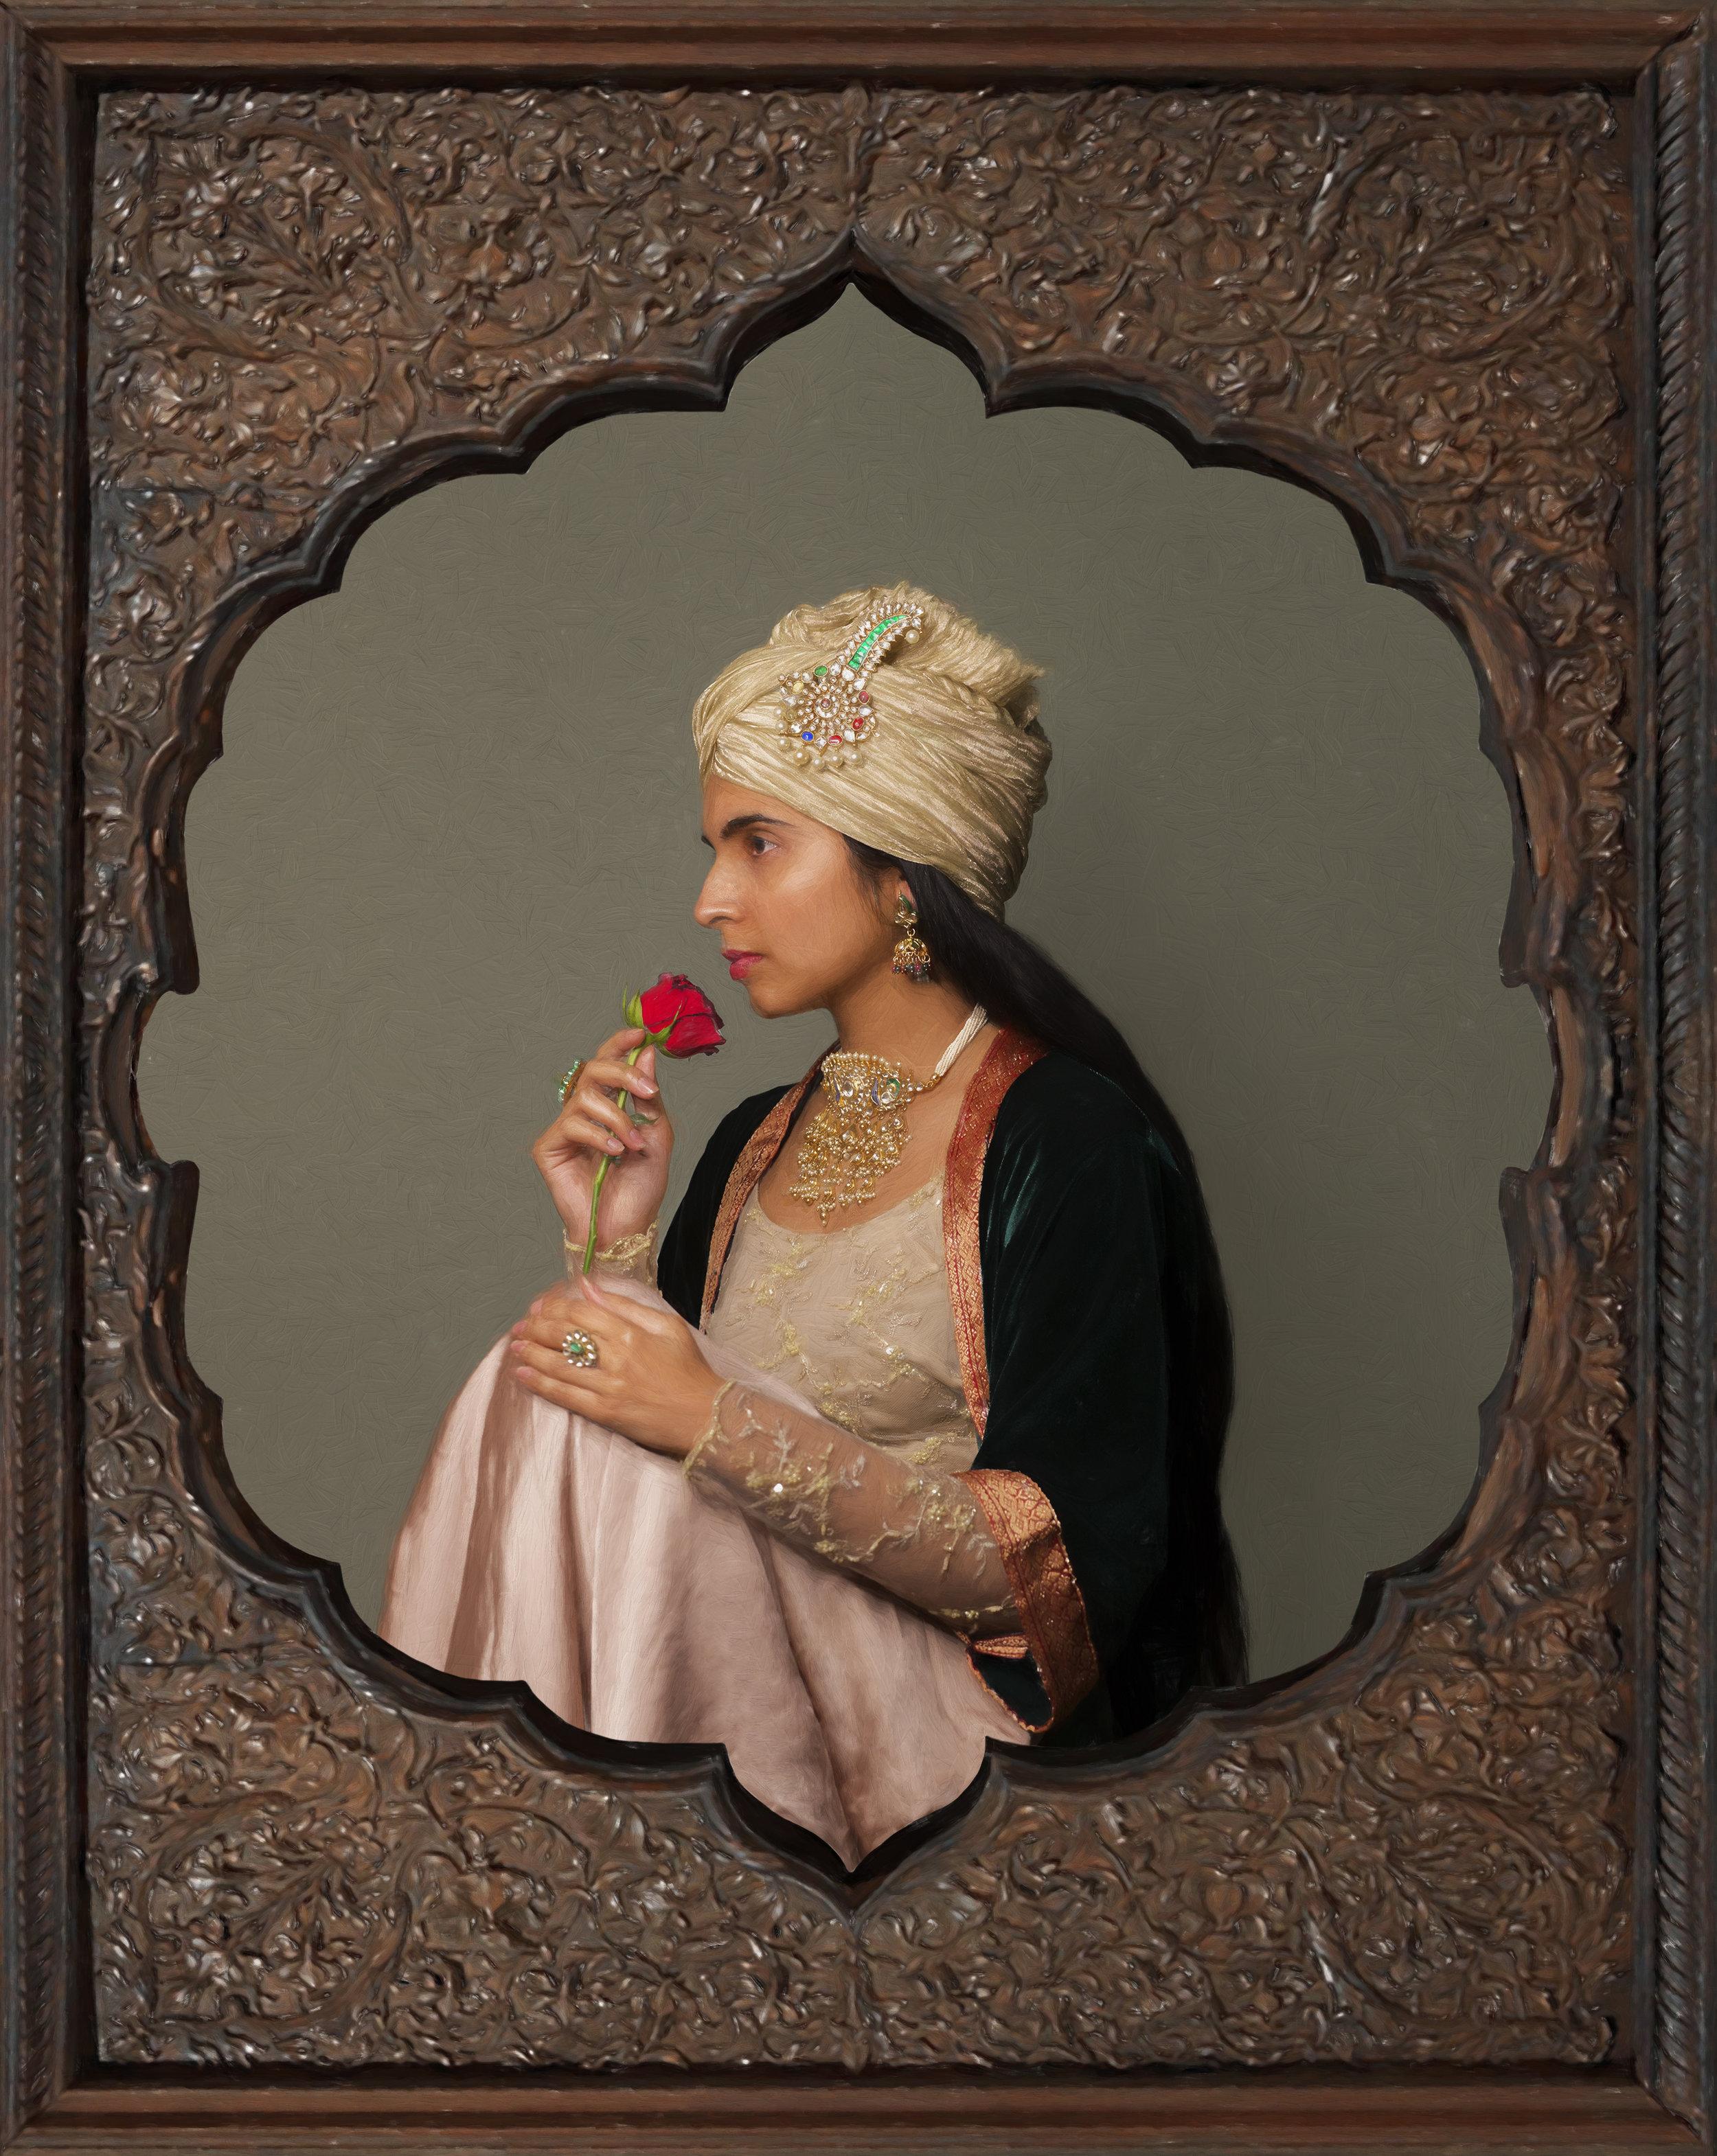 Lady with turban, circa 2016-17